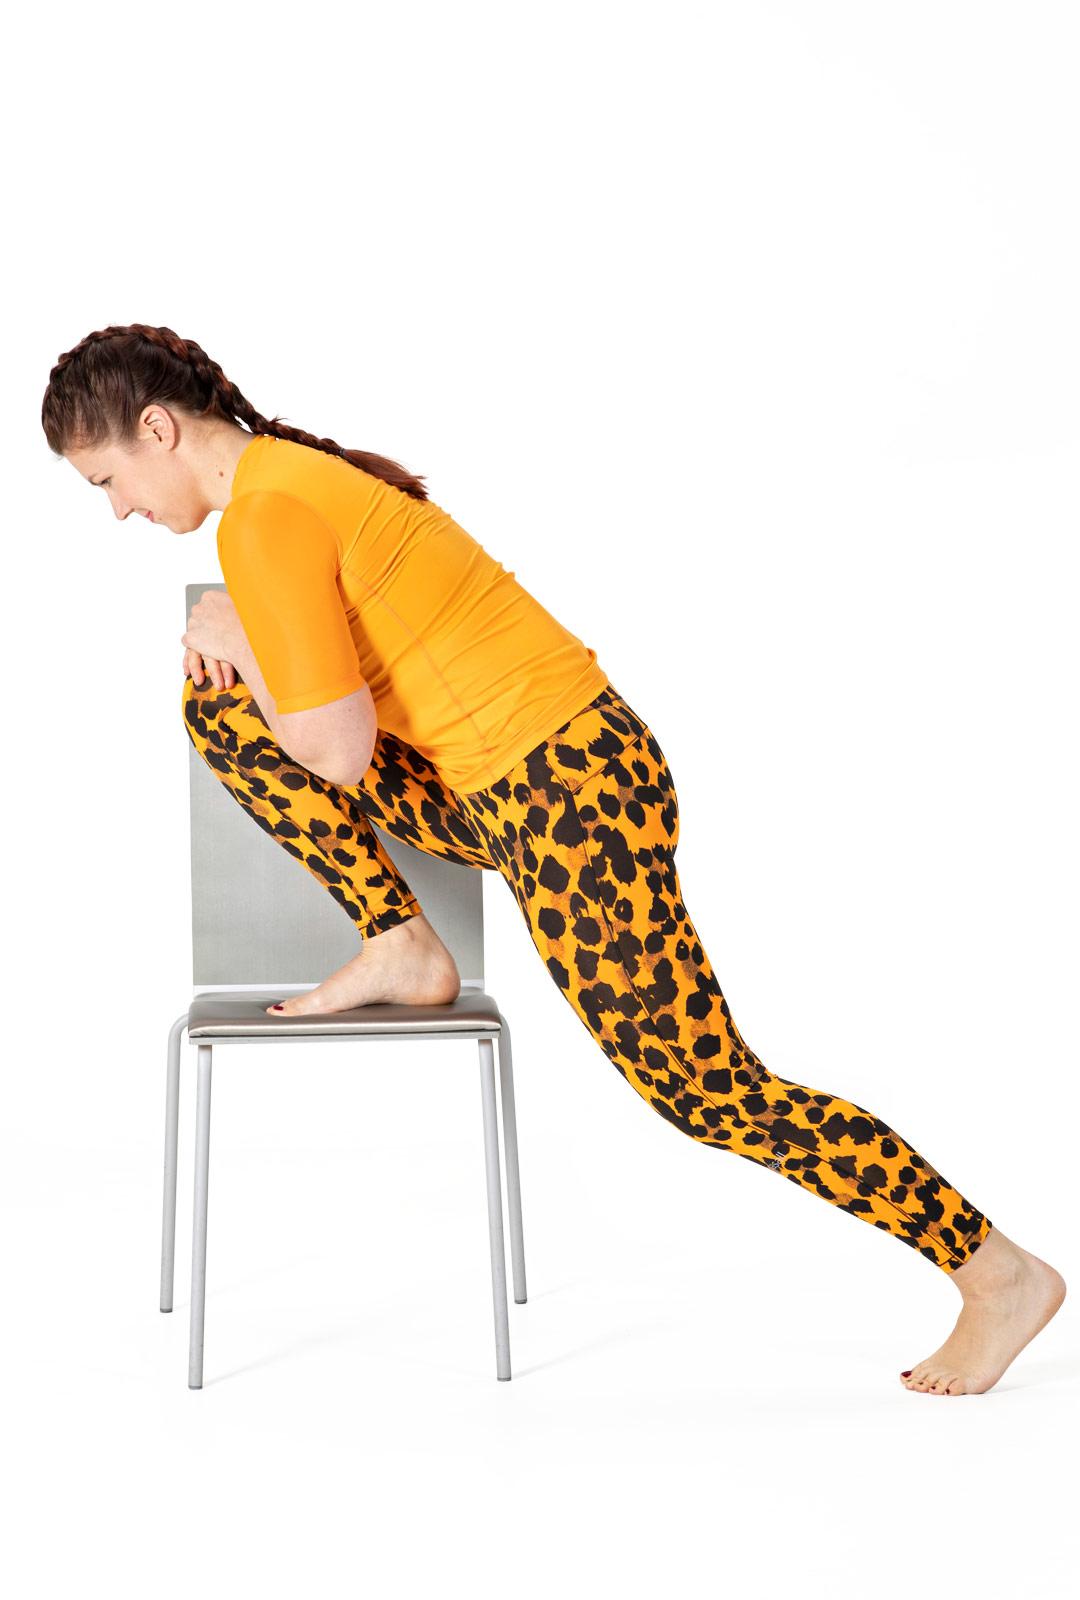 Vie paino tuolilla olevan jalan päälle niin pitkälle, että tunnet venytyksen akillesjänteessä.